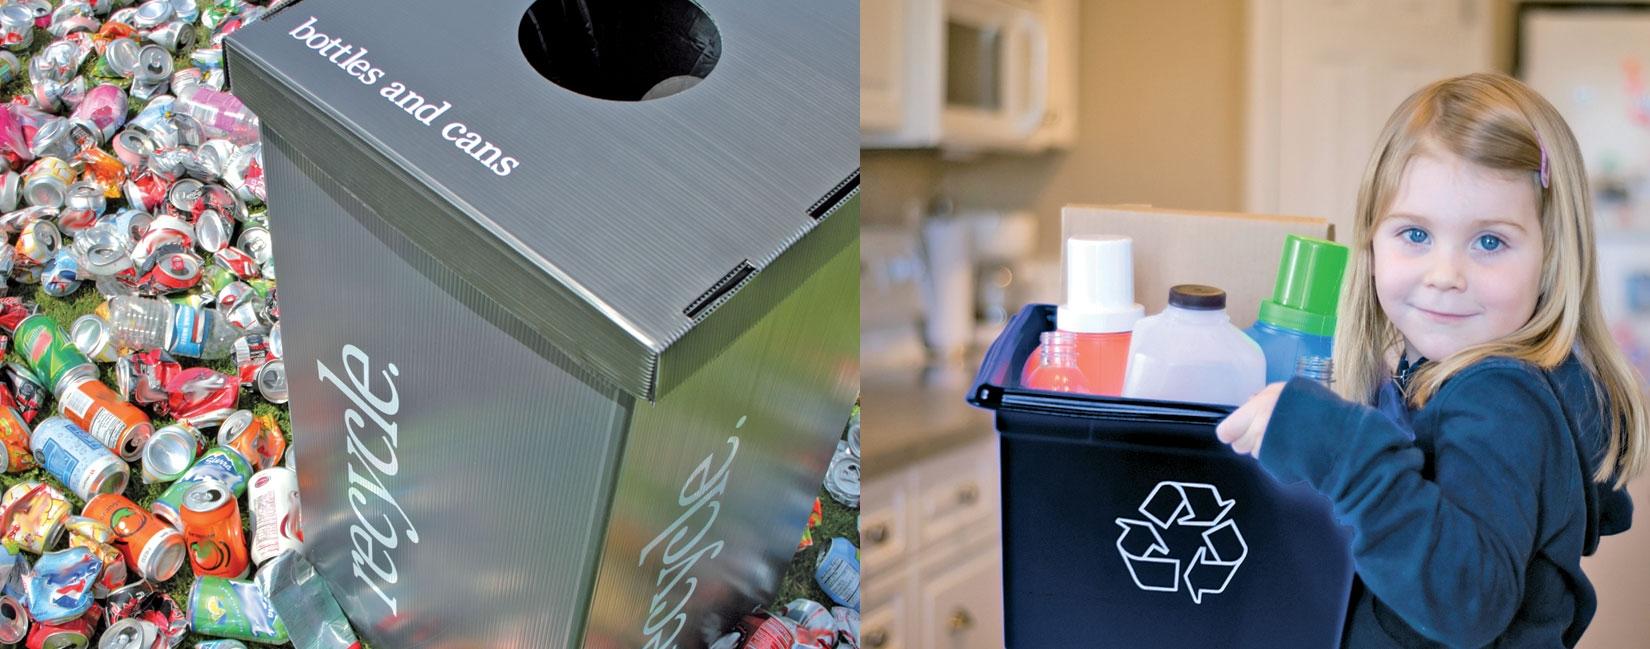 بازیافت - سطل زباله